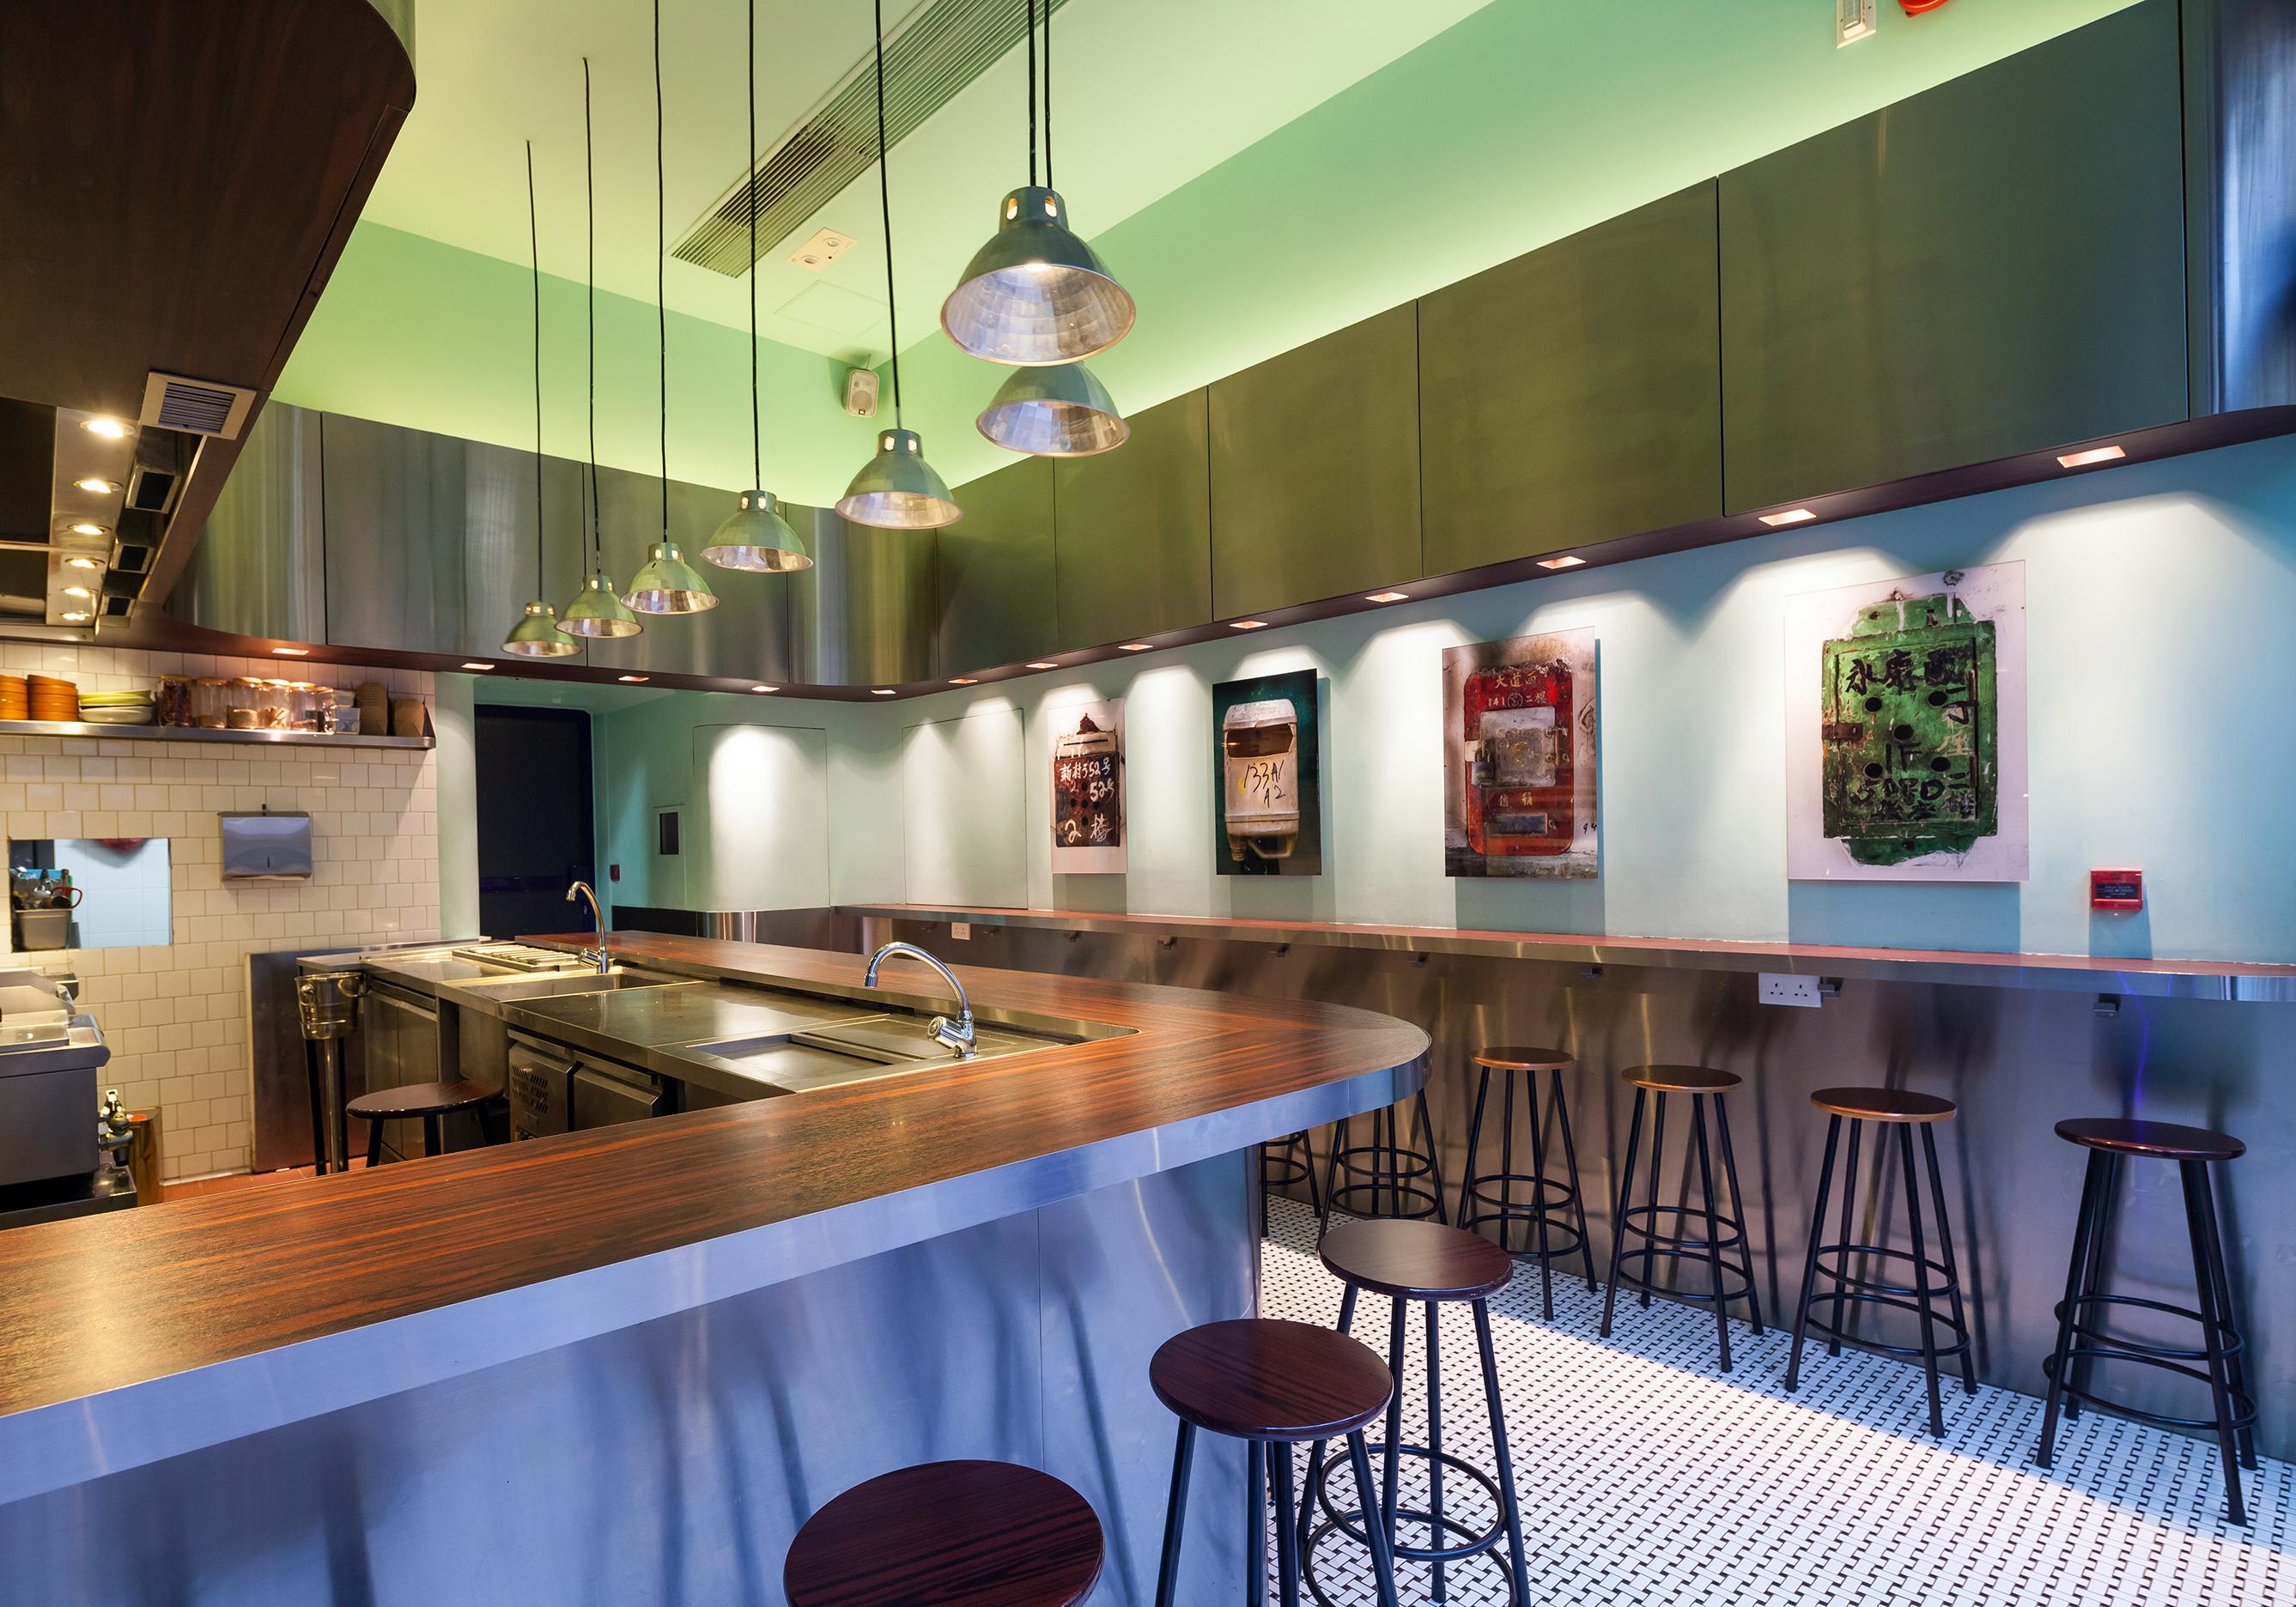 Little Bao Hong Kong Sean Dix restaurant interior design